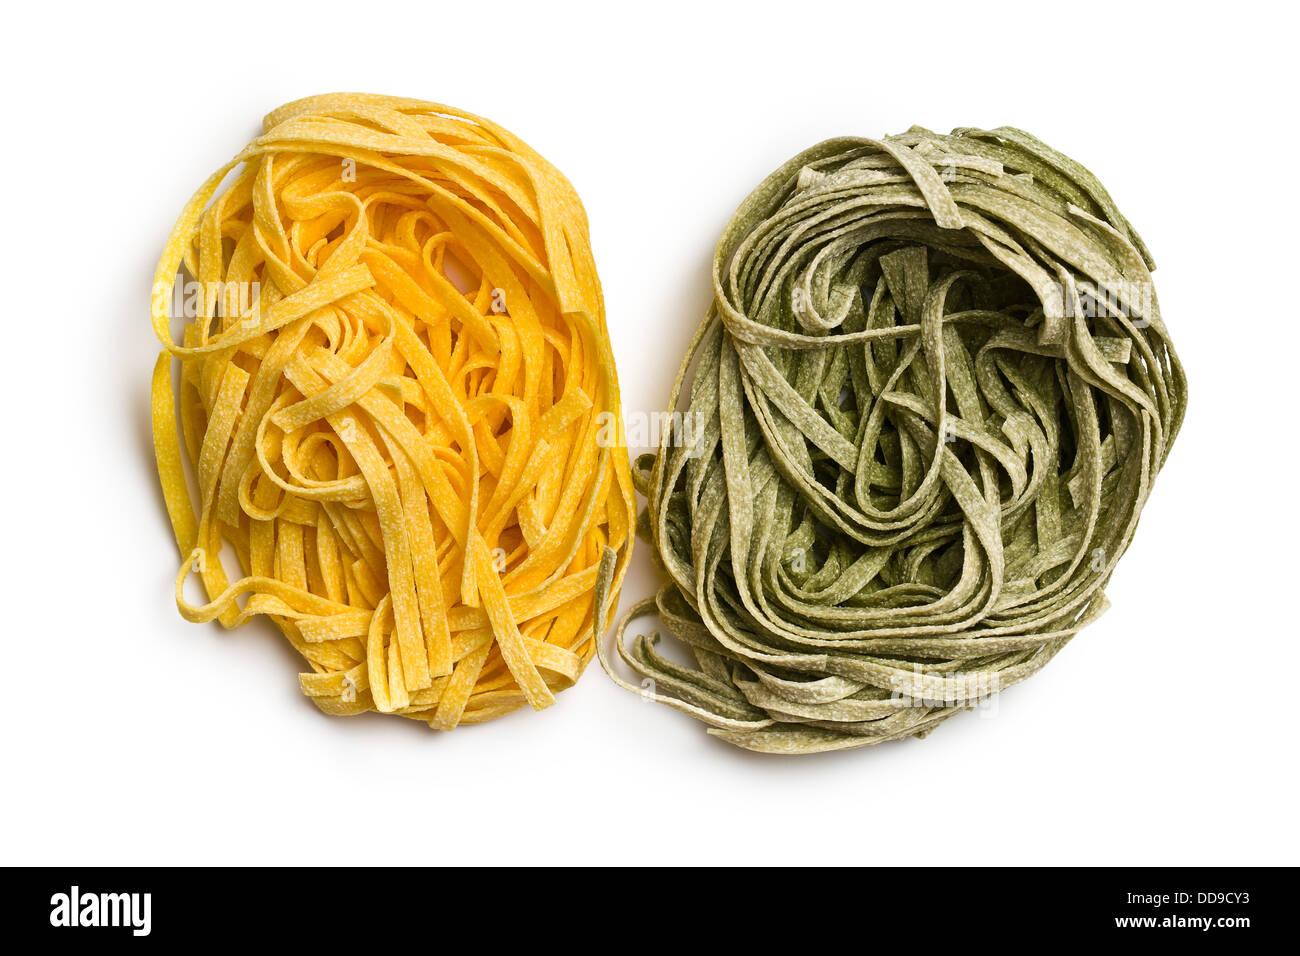 Las pastas italianas tallarines sobre fondo blanco. Imagen De Stock